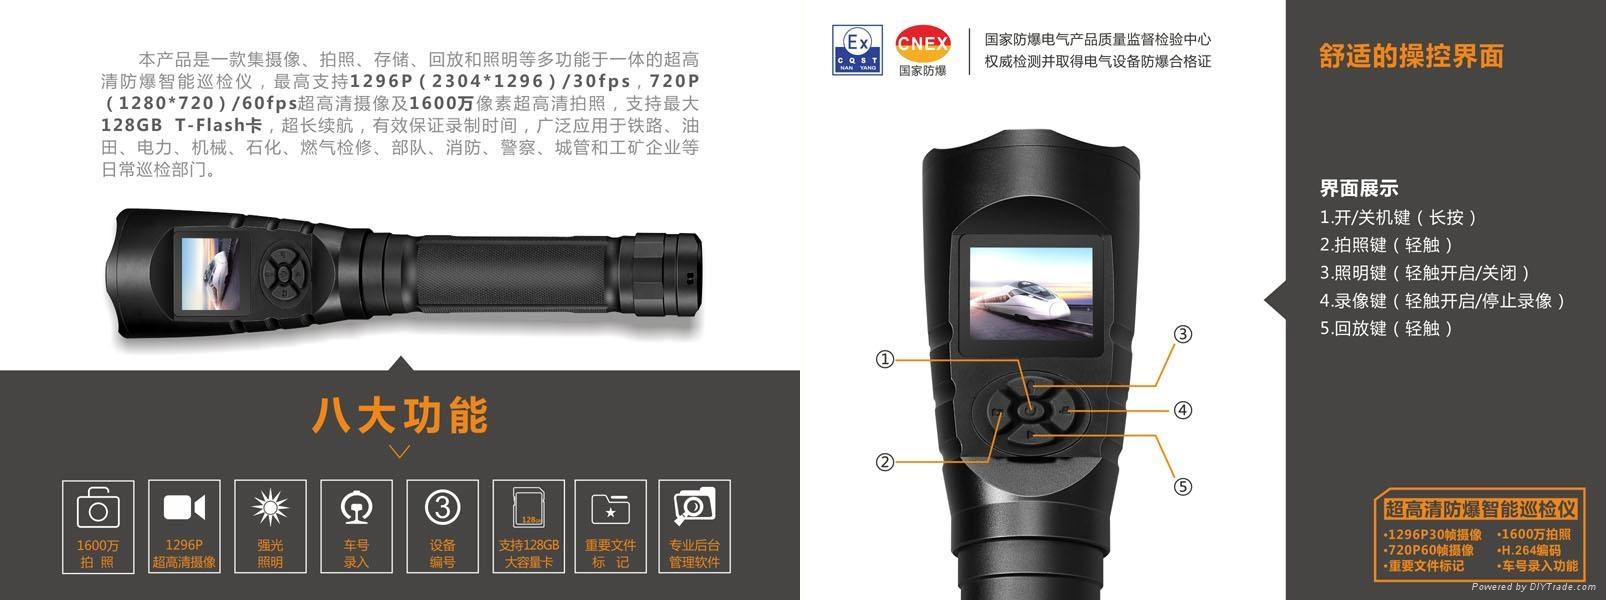 防爆智能巡檢儀強光帶屏攝錄手電筒 3